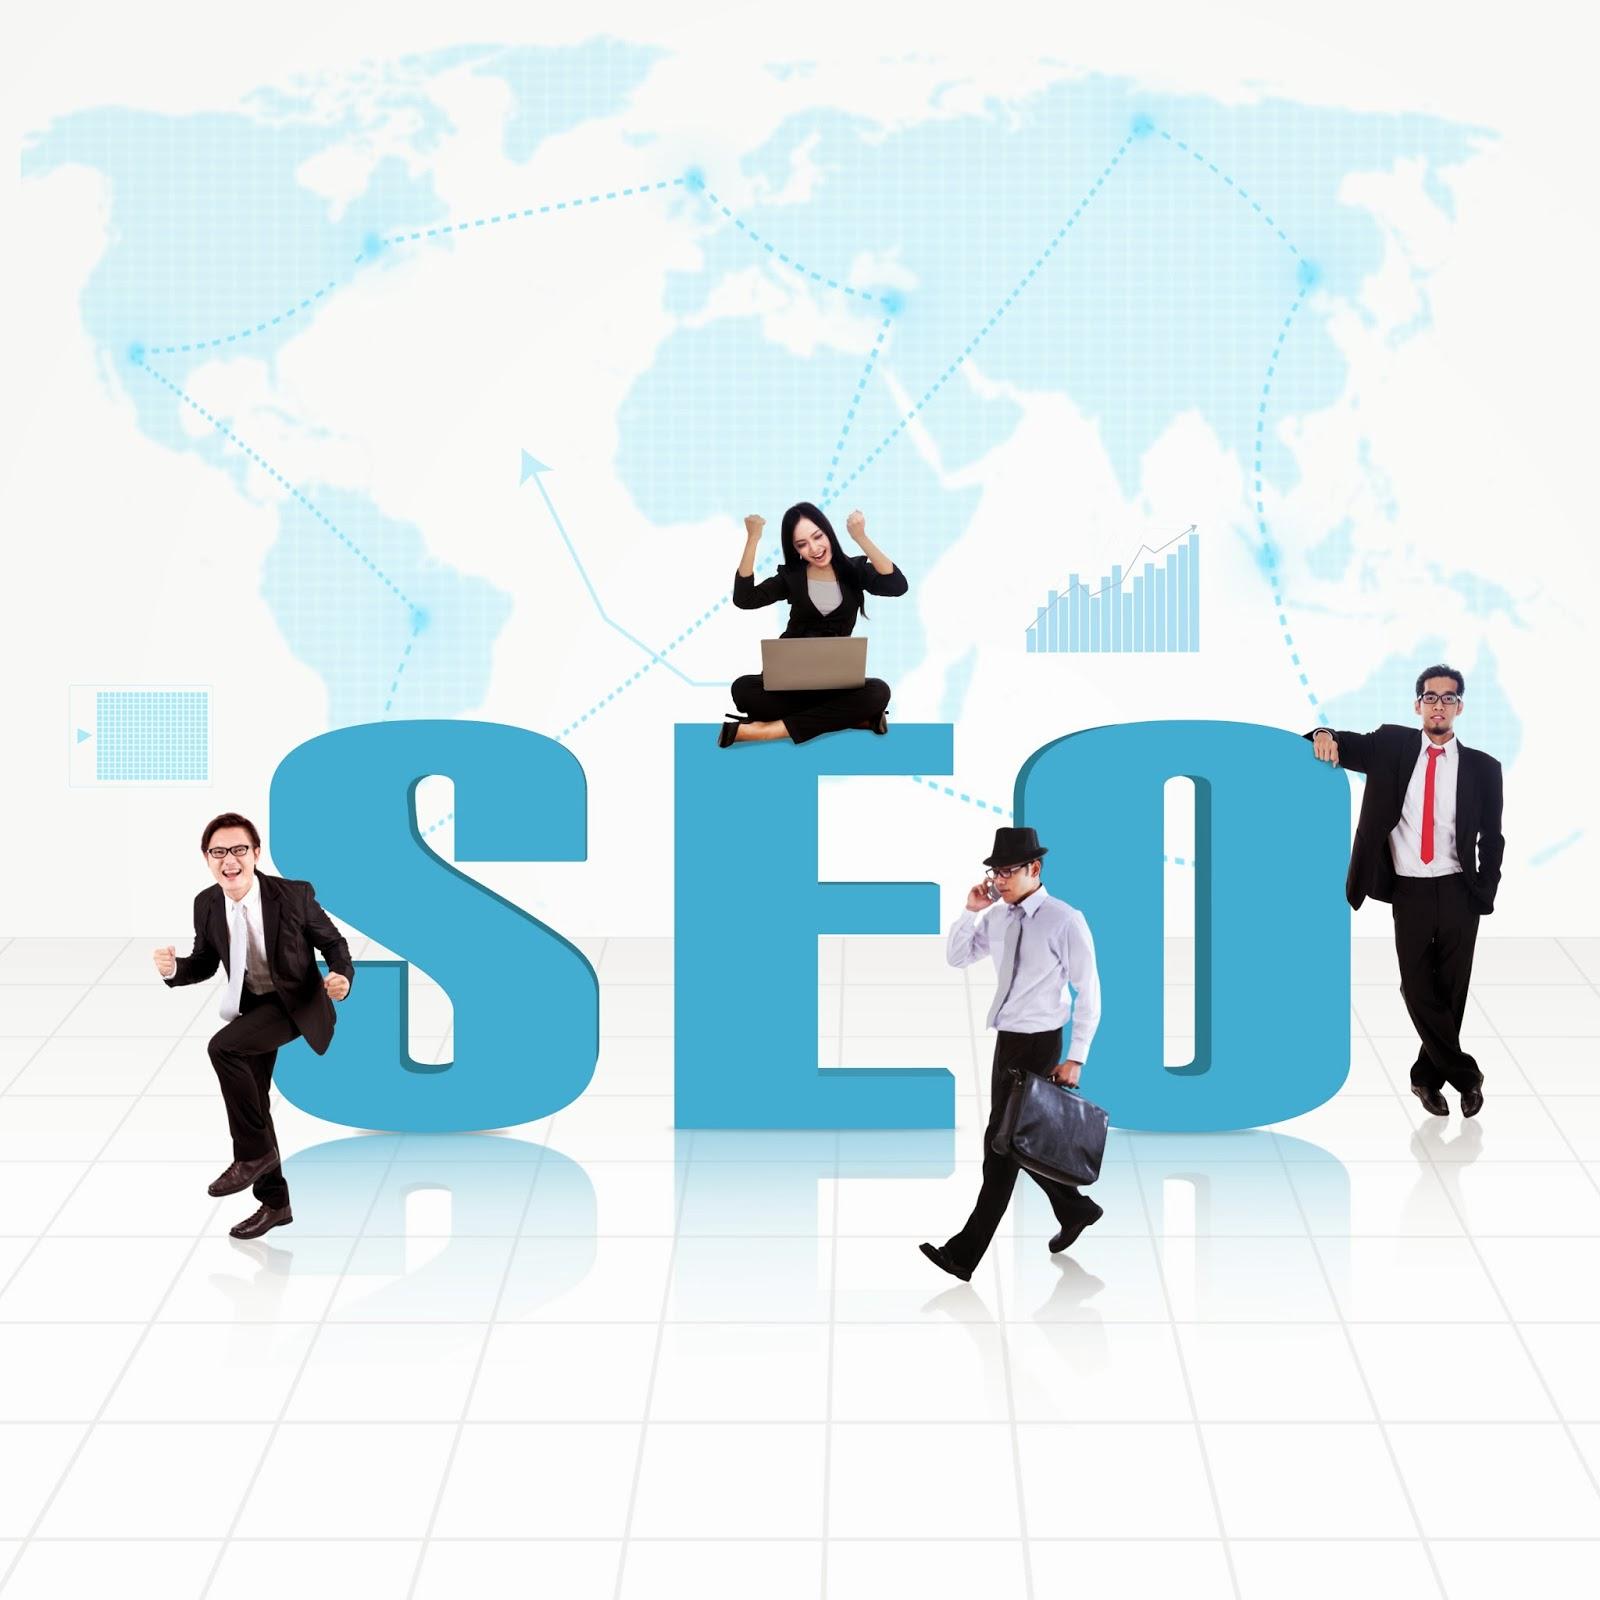 การใช้งานระบบ SEO ของเว็บไซต์ขายของออนไลน์เพื่อให้เป็นที่รู้จักของผู้ใช้งานอินเตอร์เน็ตได้มากยิ่งขึ้น